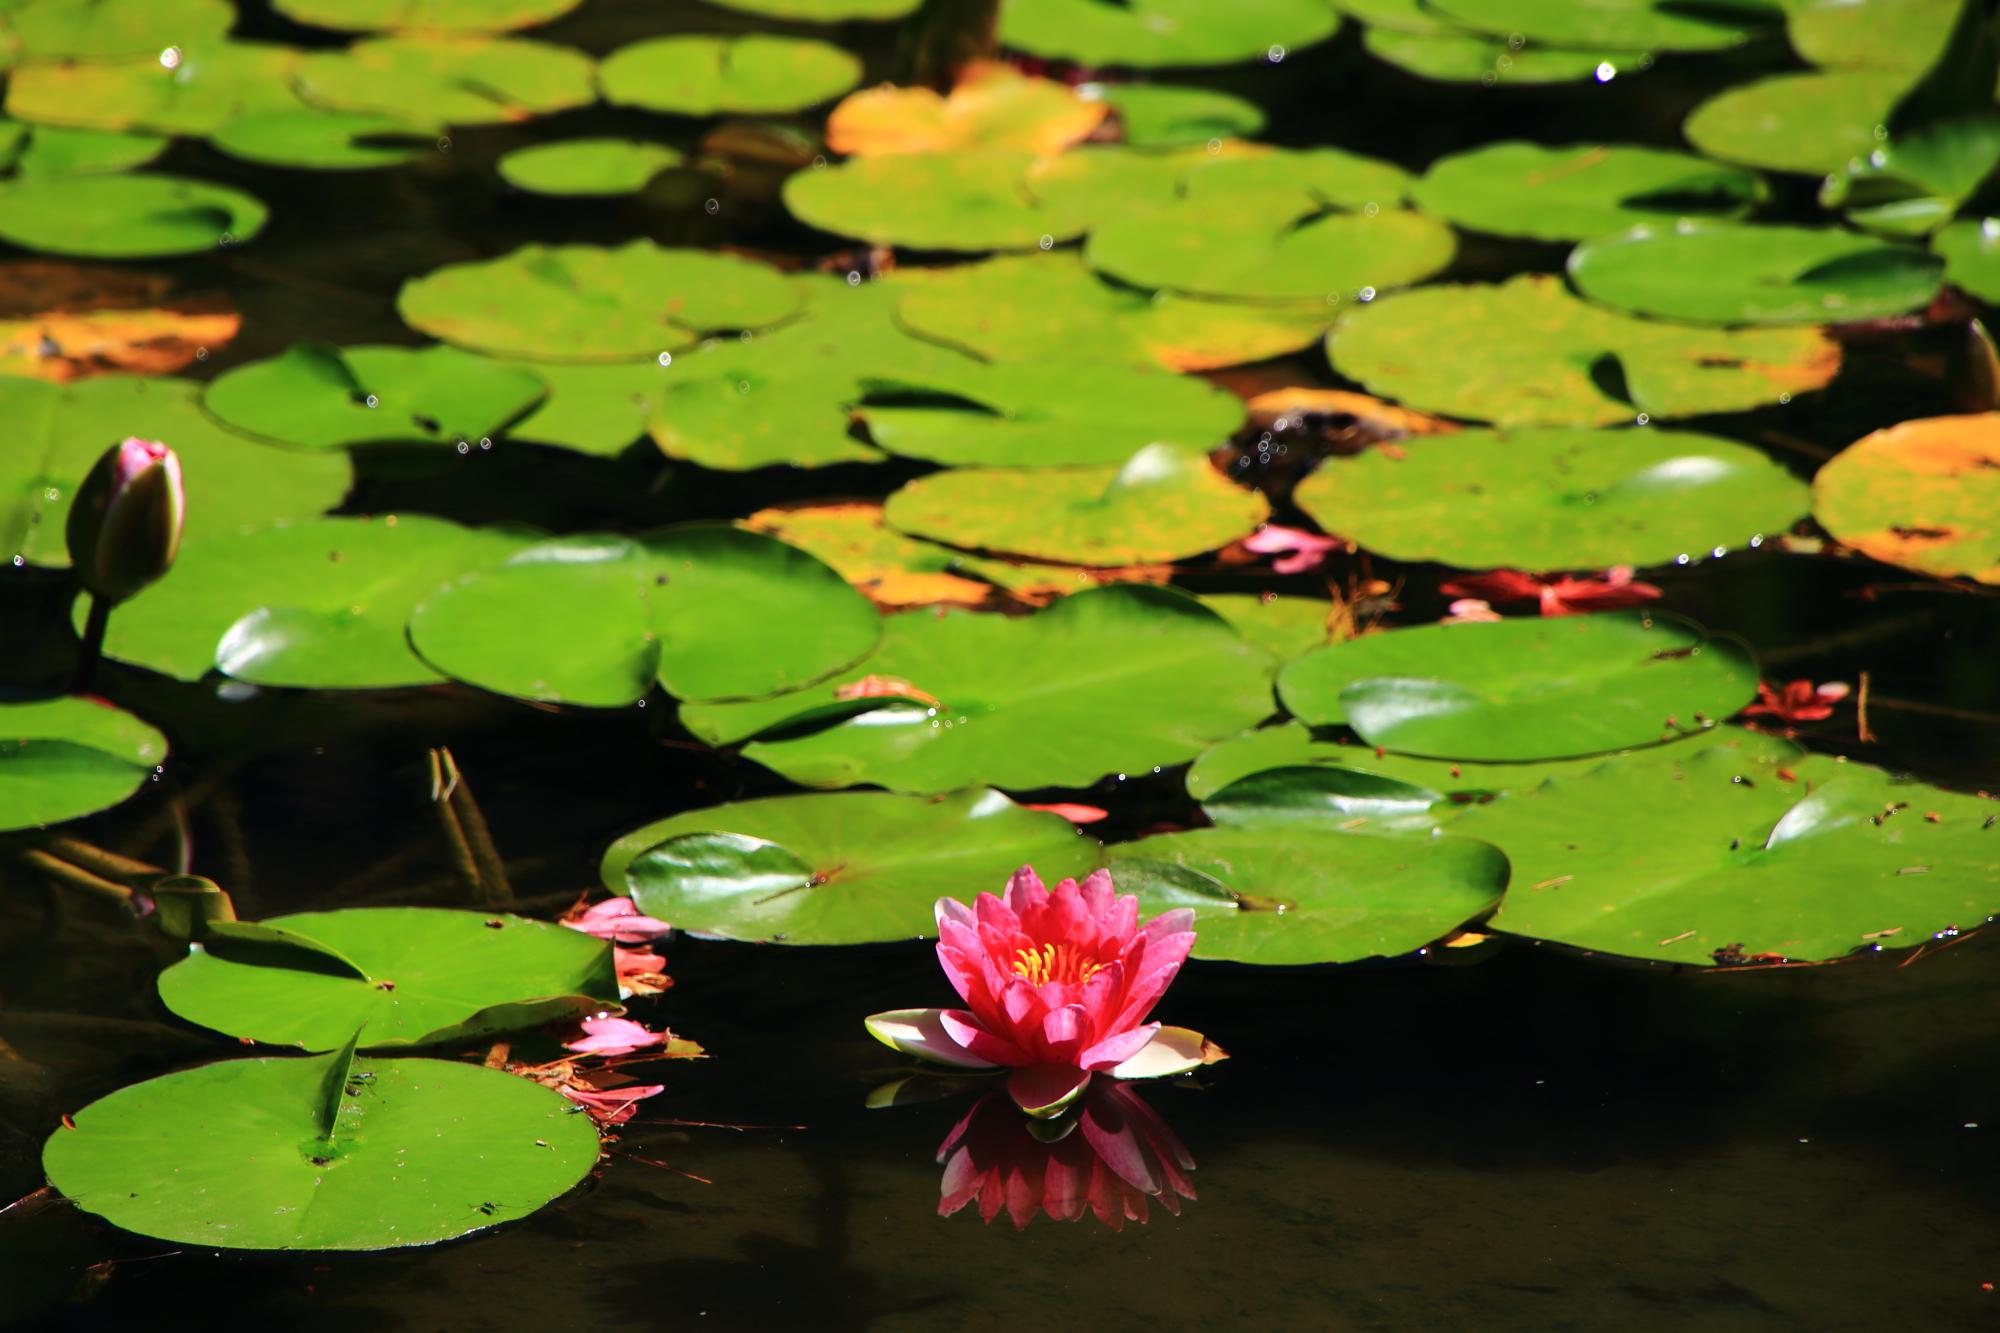 淡い緑の葉に映える鮮やかなピンクの睡蓮